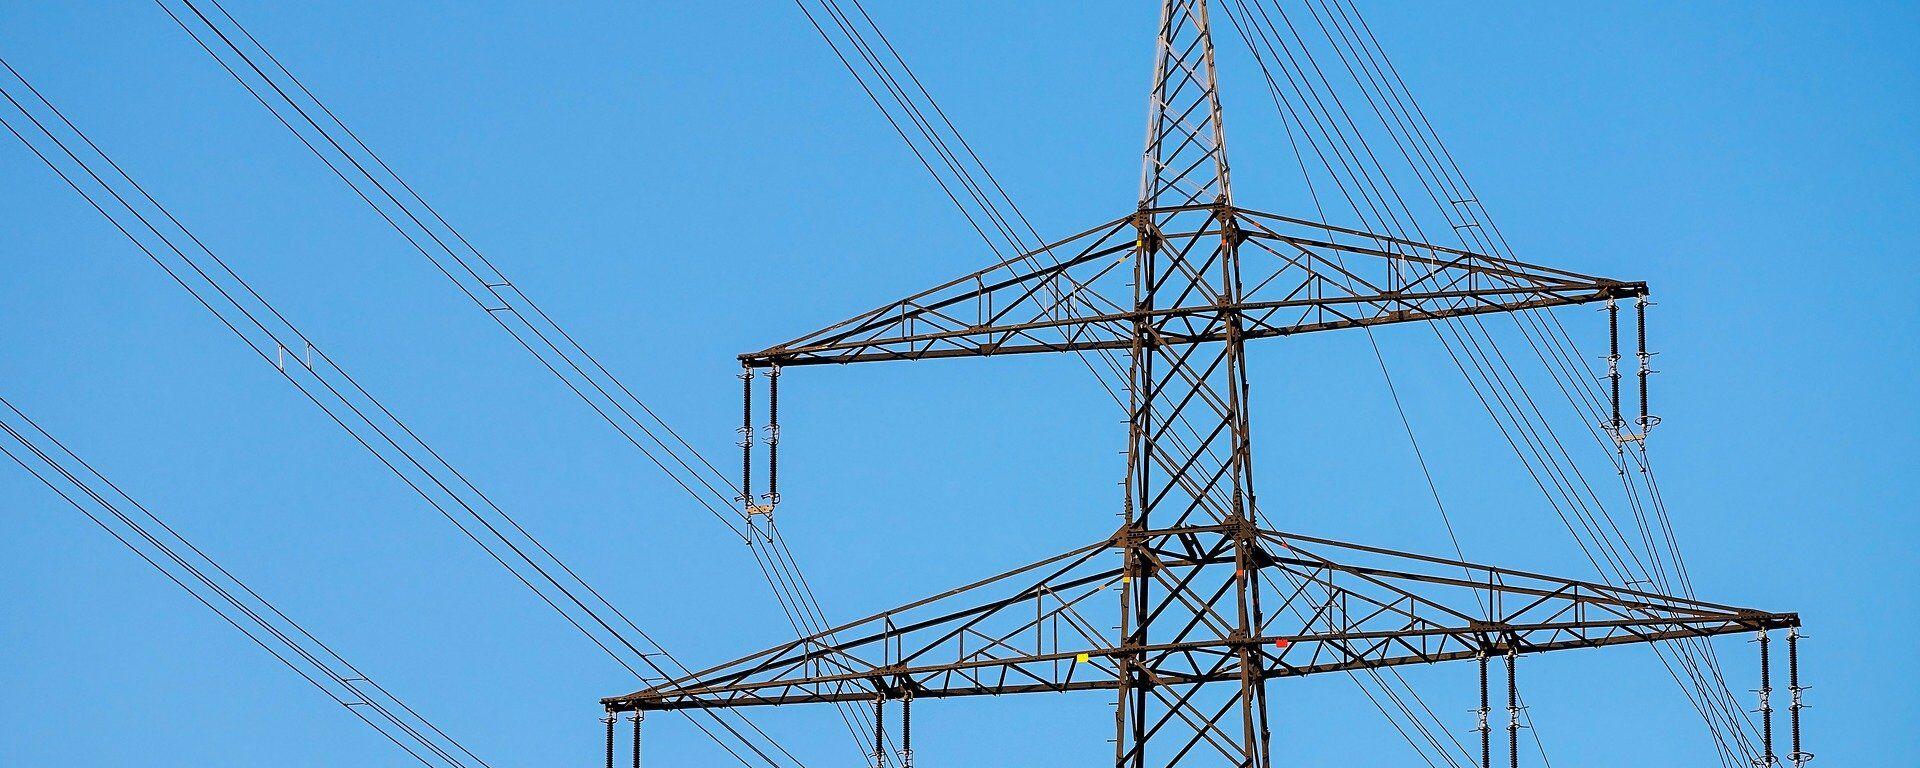 Líneas de electricidad (imagen referencial) - Sputnik Mundo, 1920, 01.06.2021